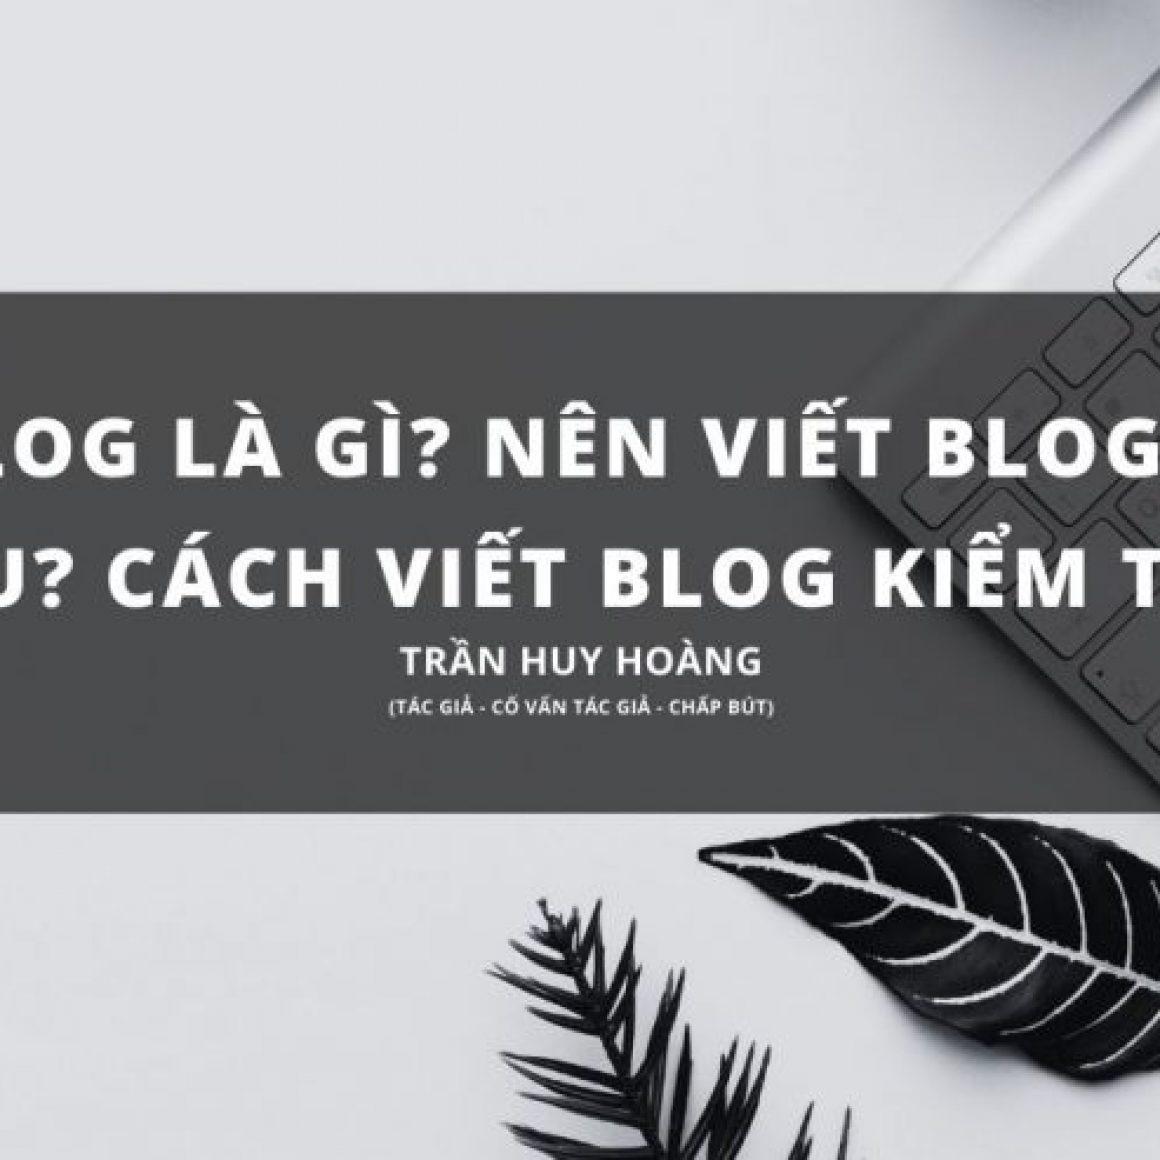 Blog là gì? nên viết blog ở đâu? cách viết blog kiểm tiền